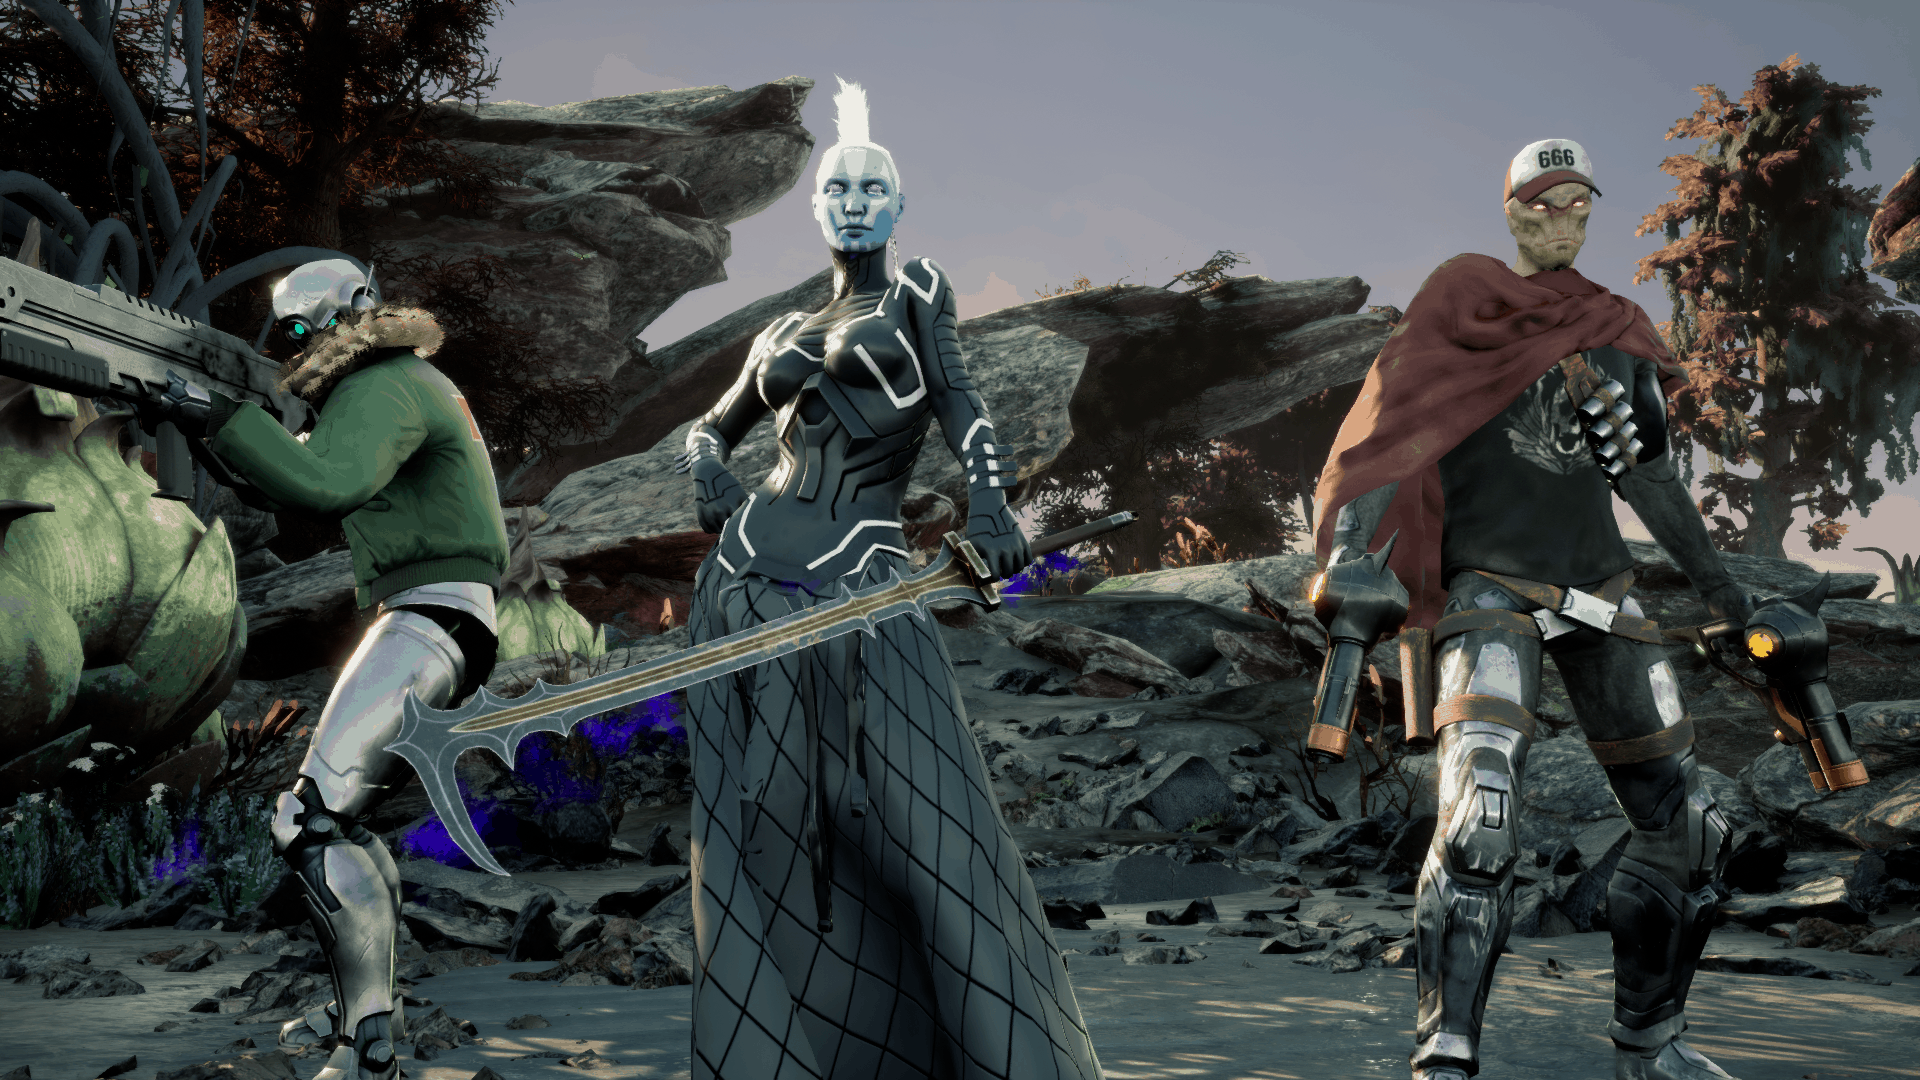 Killsquad game screenshot, the squad